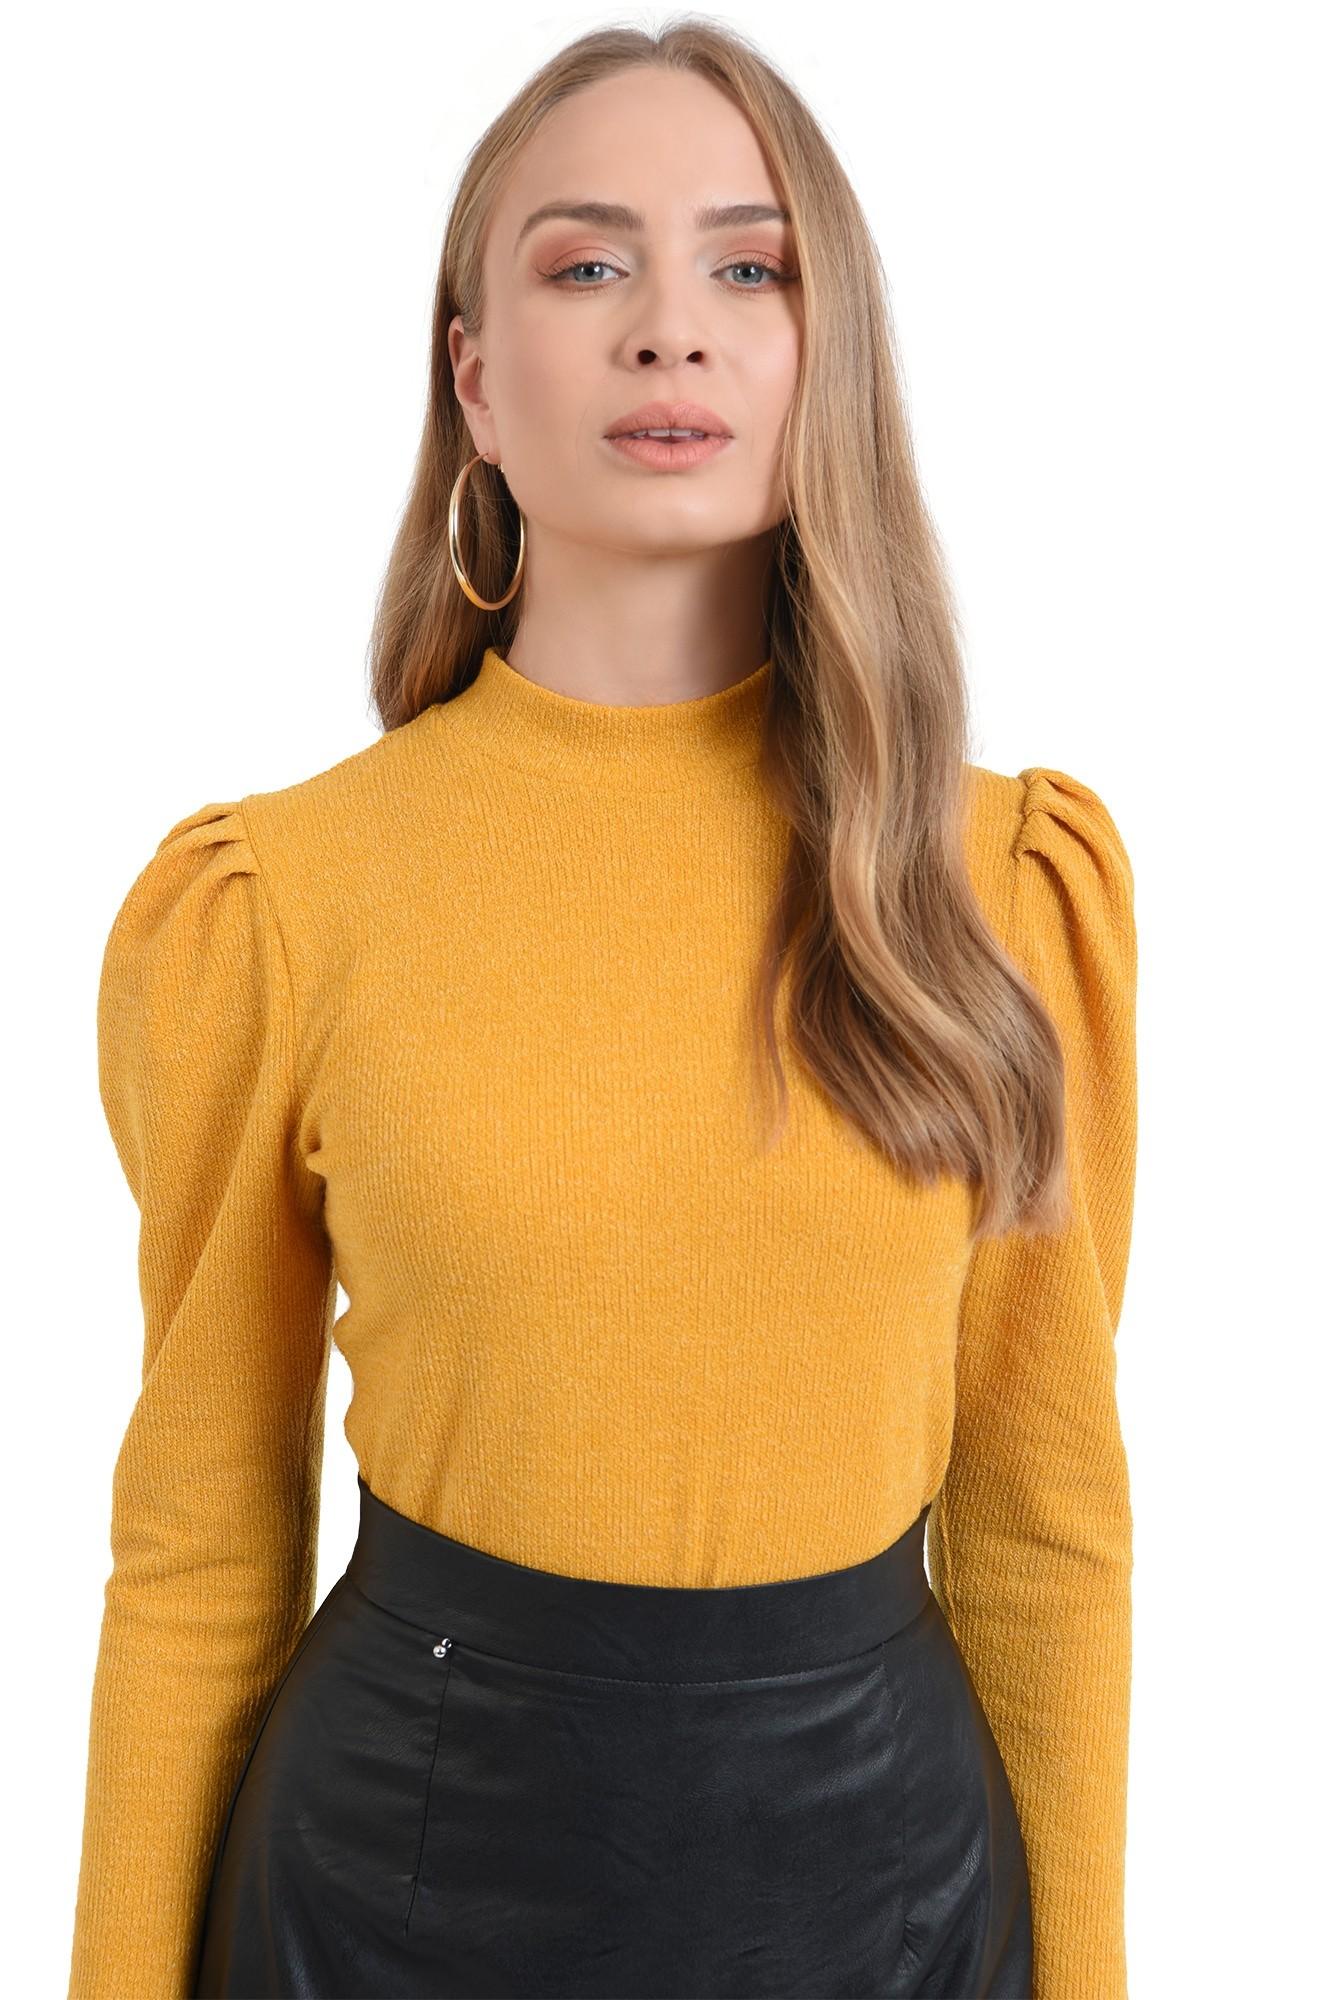 3 - pulover mustar, casual, cu guler, cu umeri accentuati